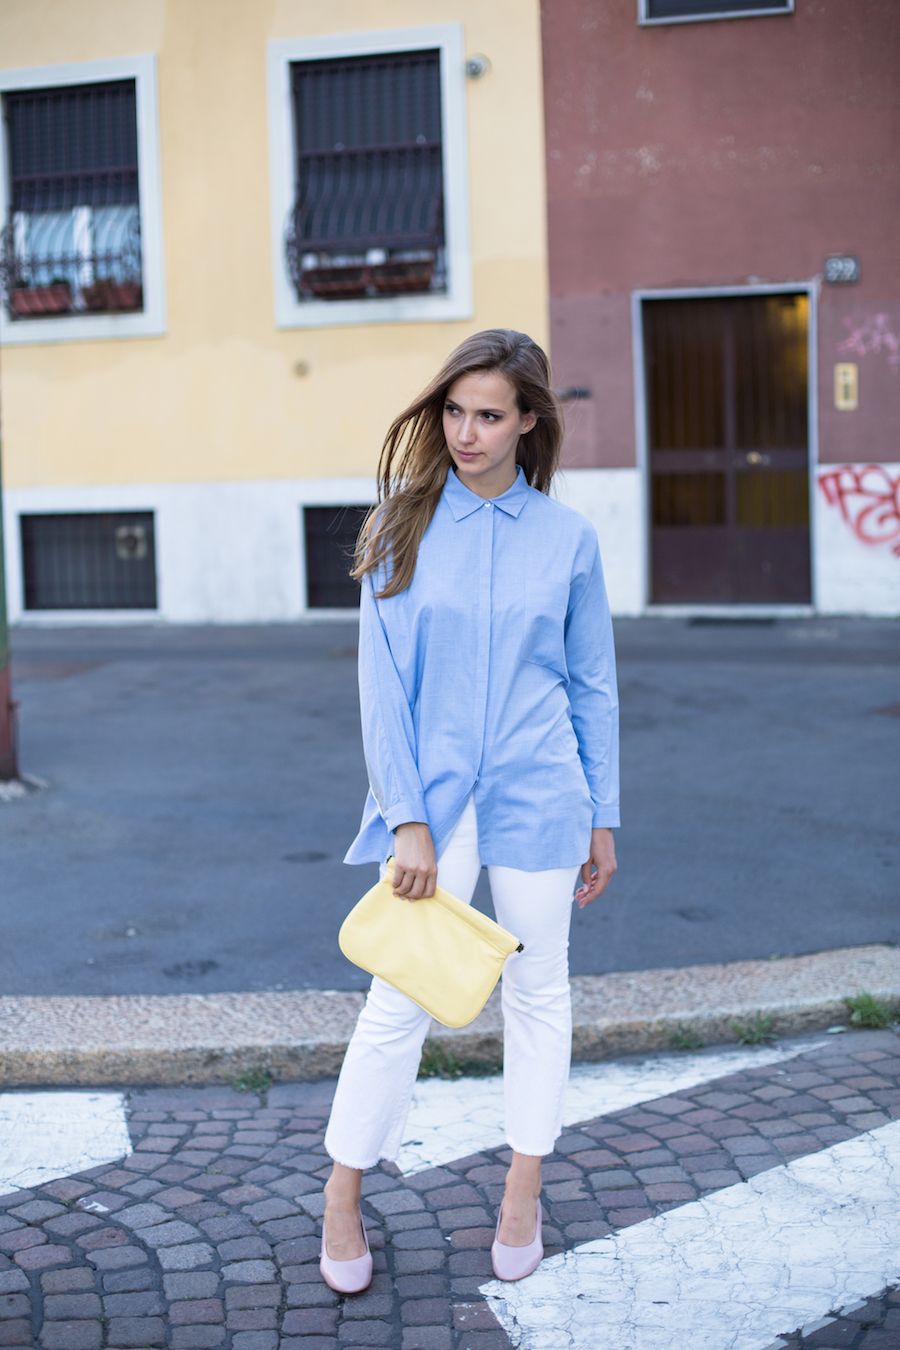 milan blogger